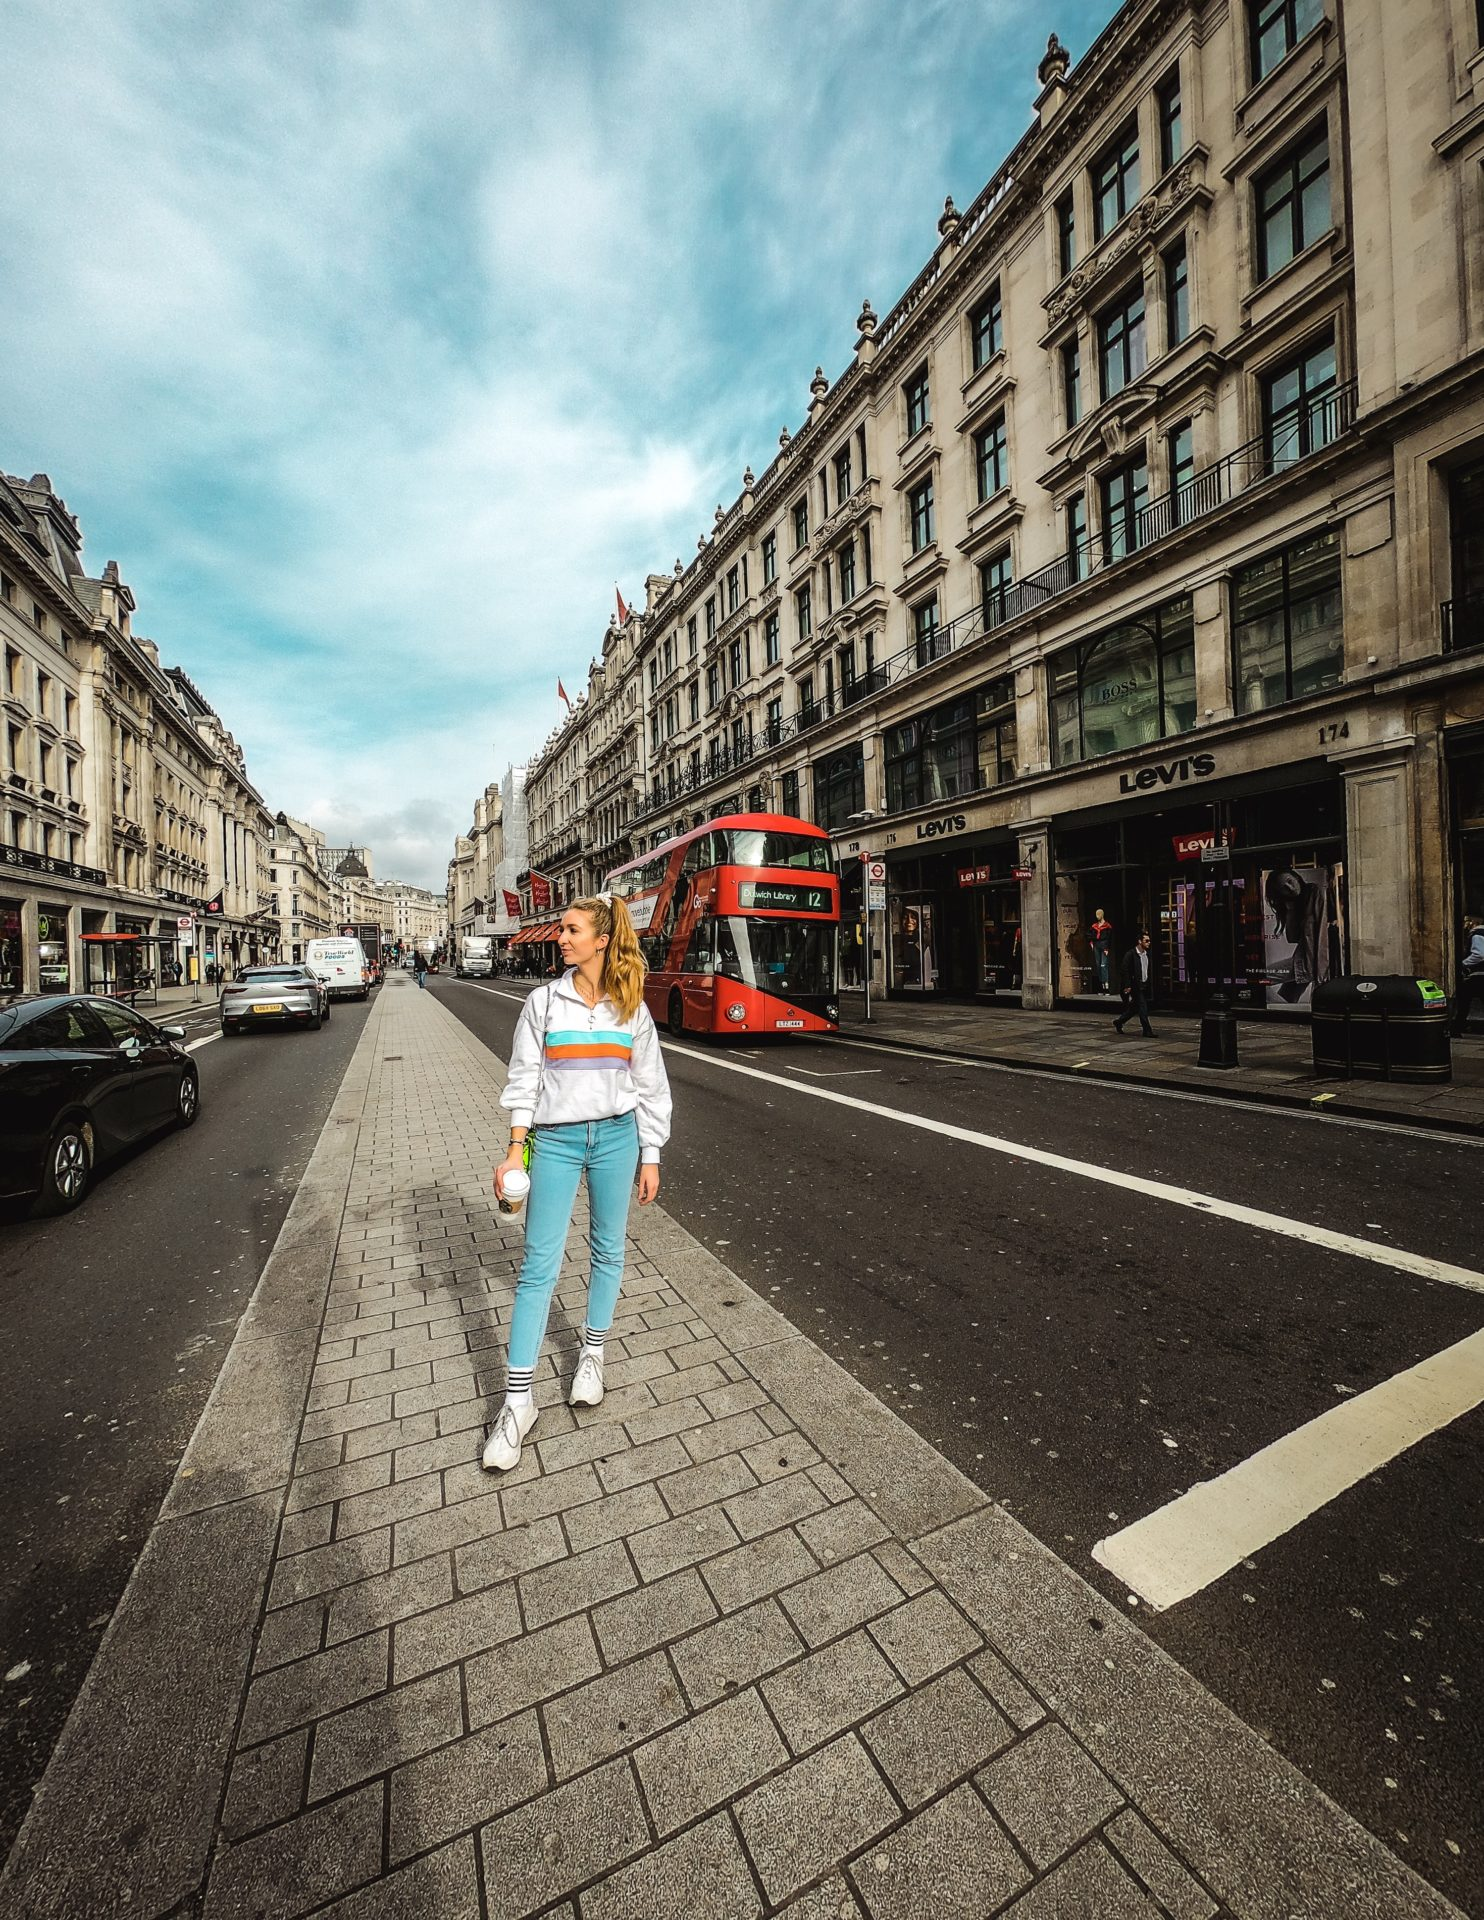 instagram photo places london